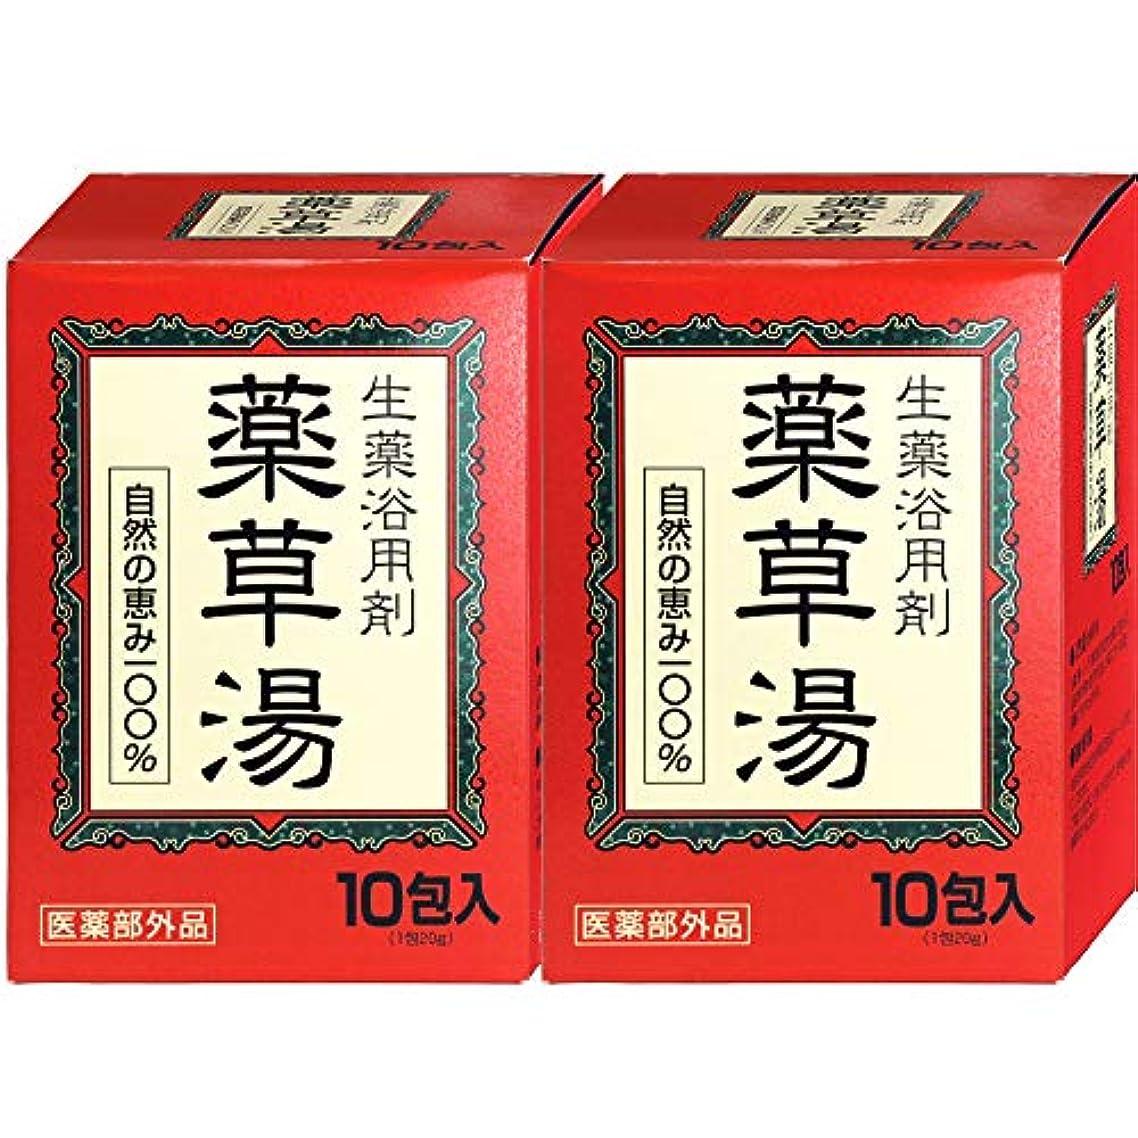 救援ダイエットゆり薬草湯 生薬浴用剤 10包入 【2個セット】自然の恵み100% 医薬部外品